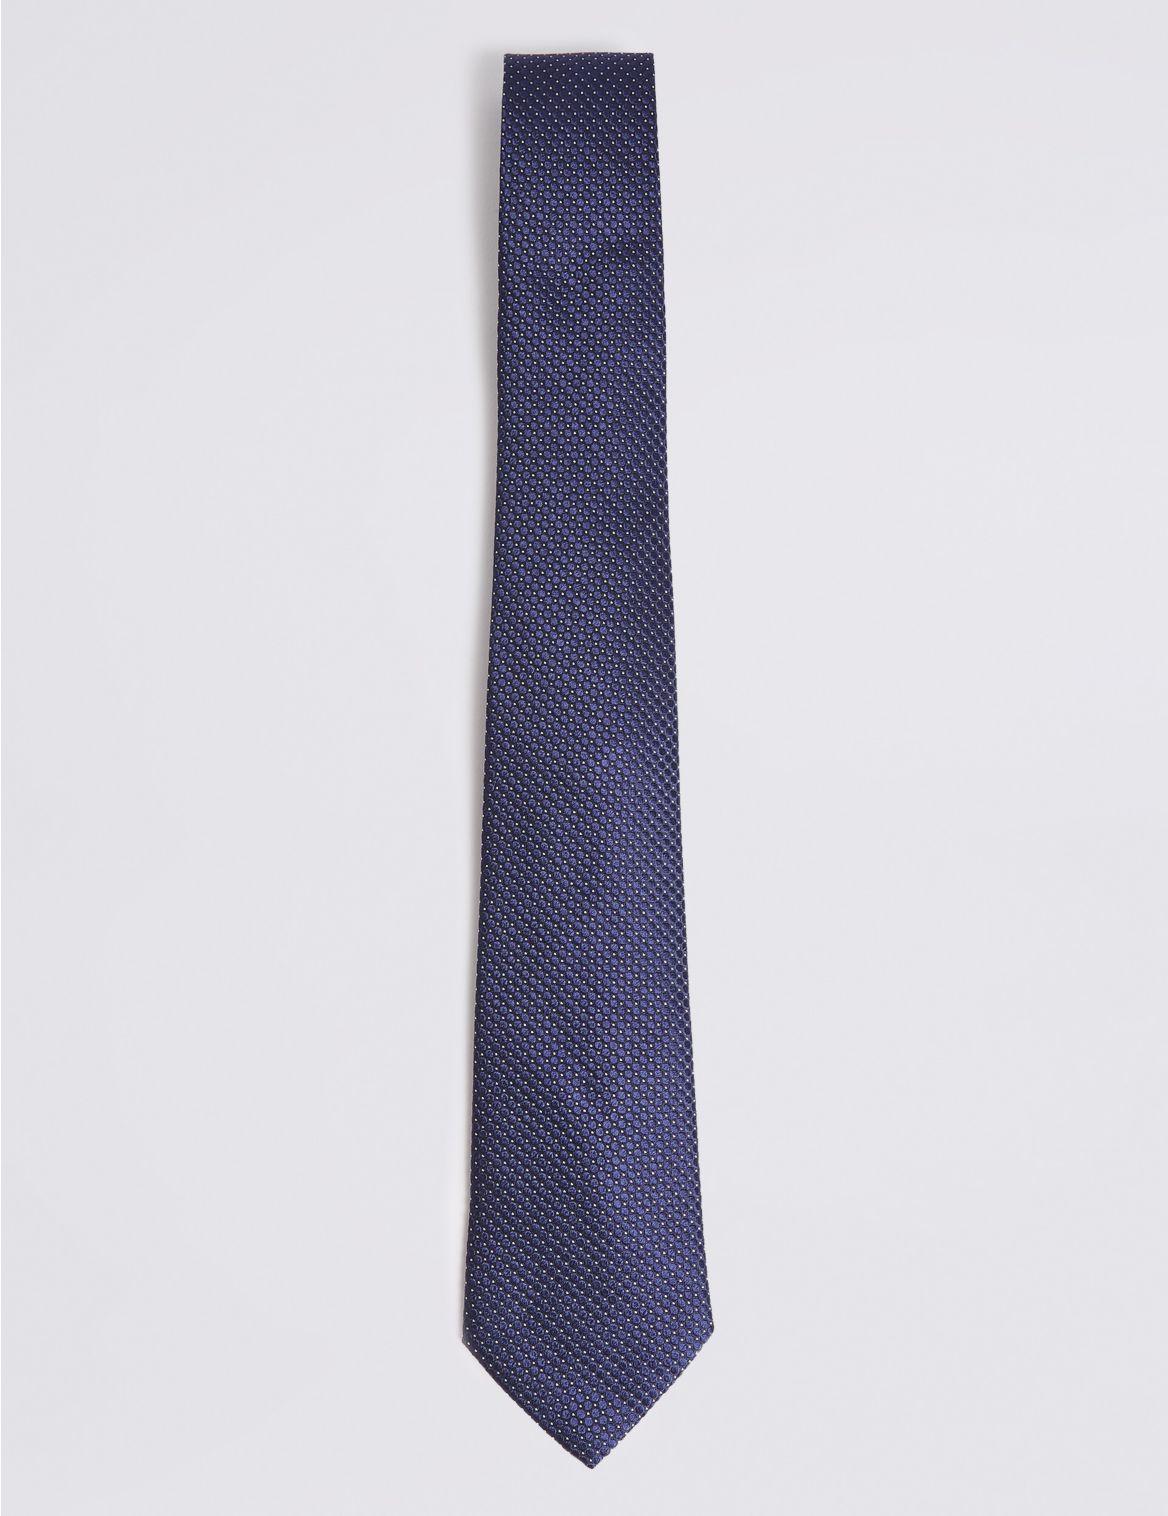 Cravate 100% soie Ă pois